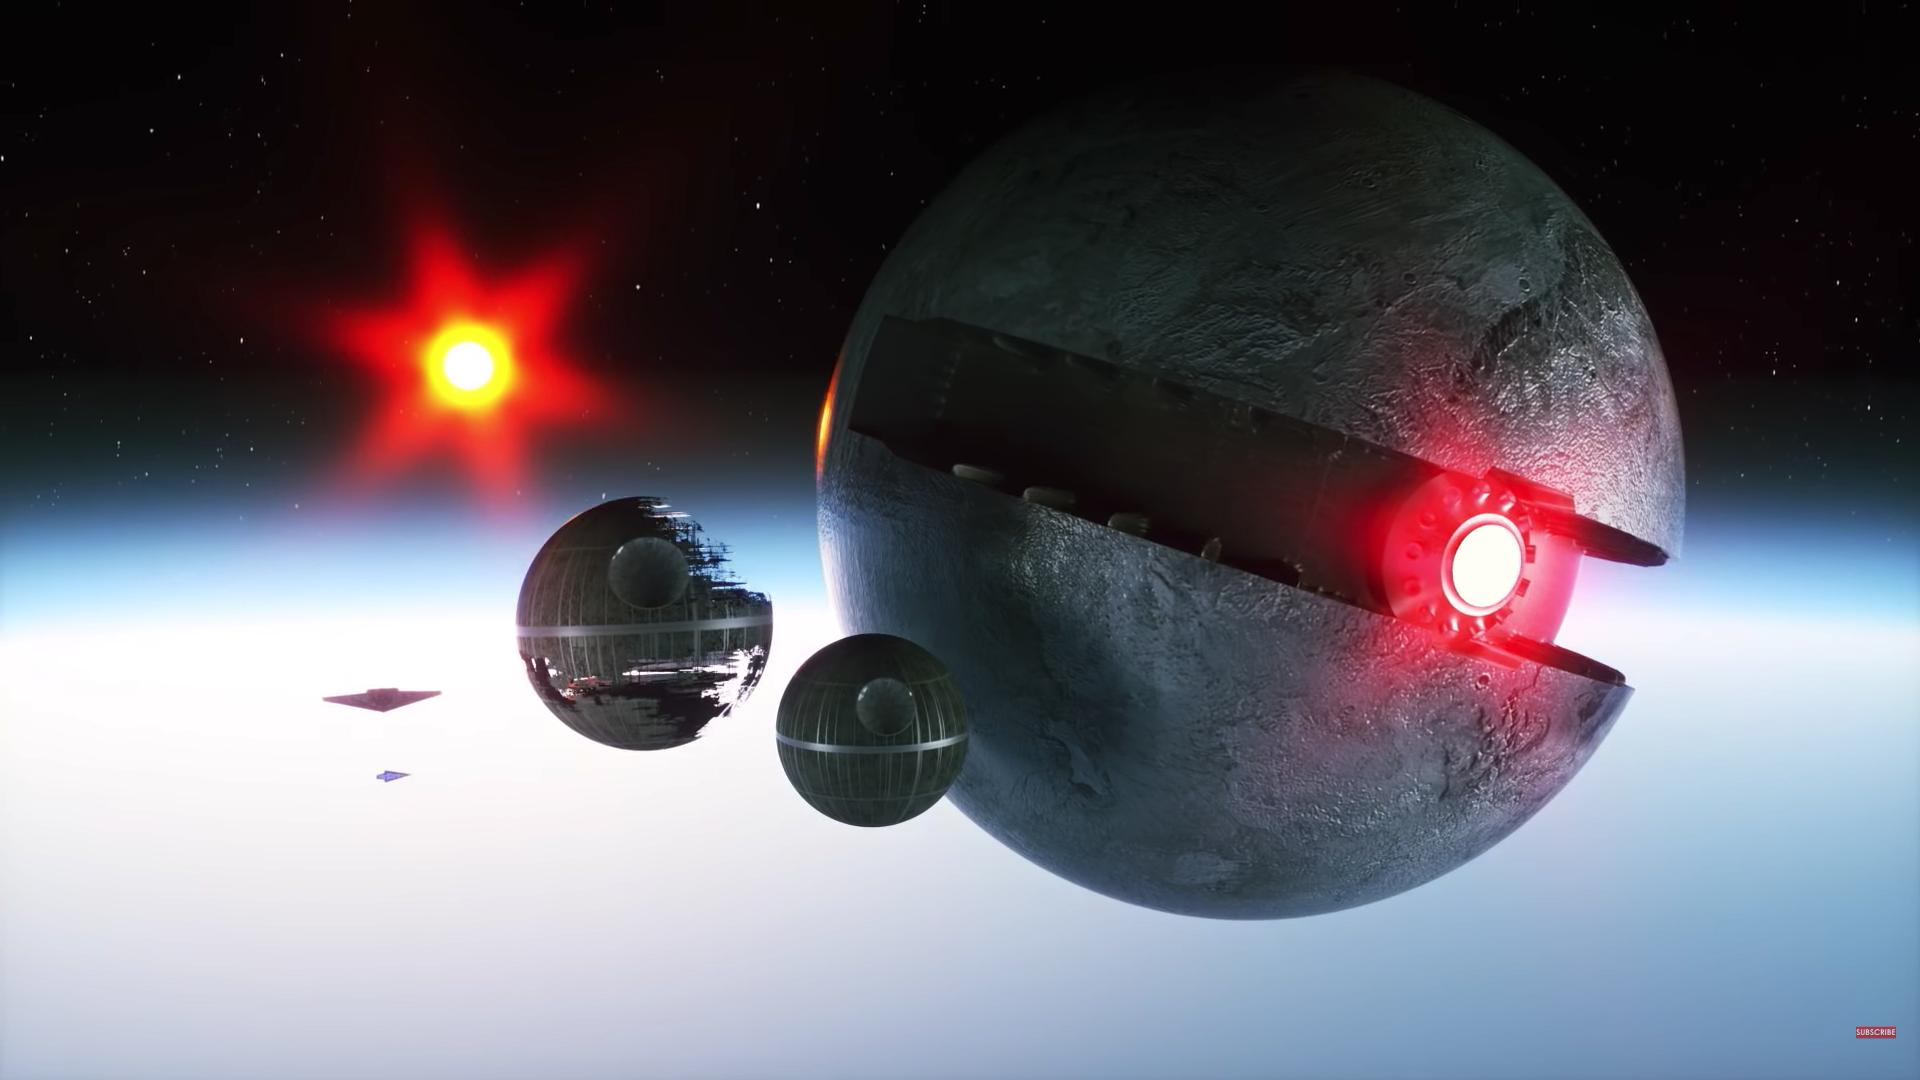 デス スター小さっ リアルで スター ウォーズ に登場する宇宙船を比較すると意外な結果にの画像 10 11 ナゾロジー